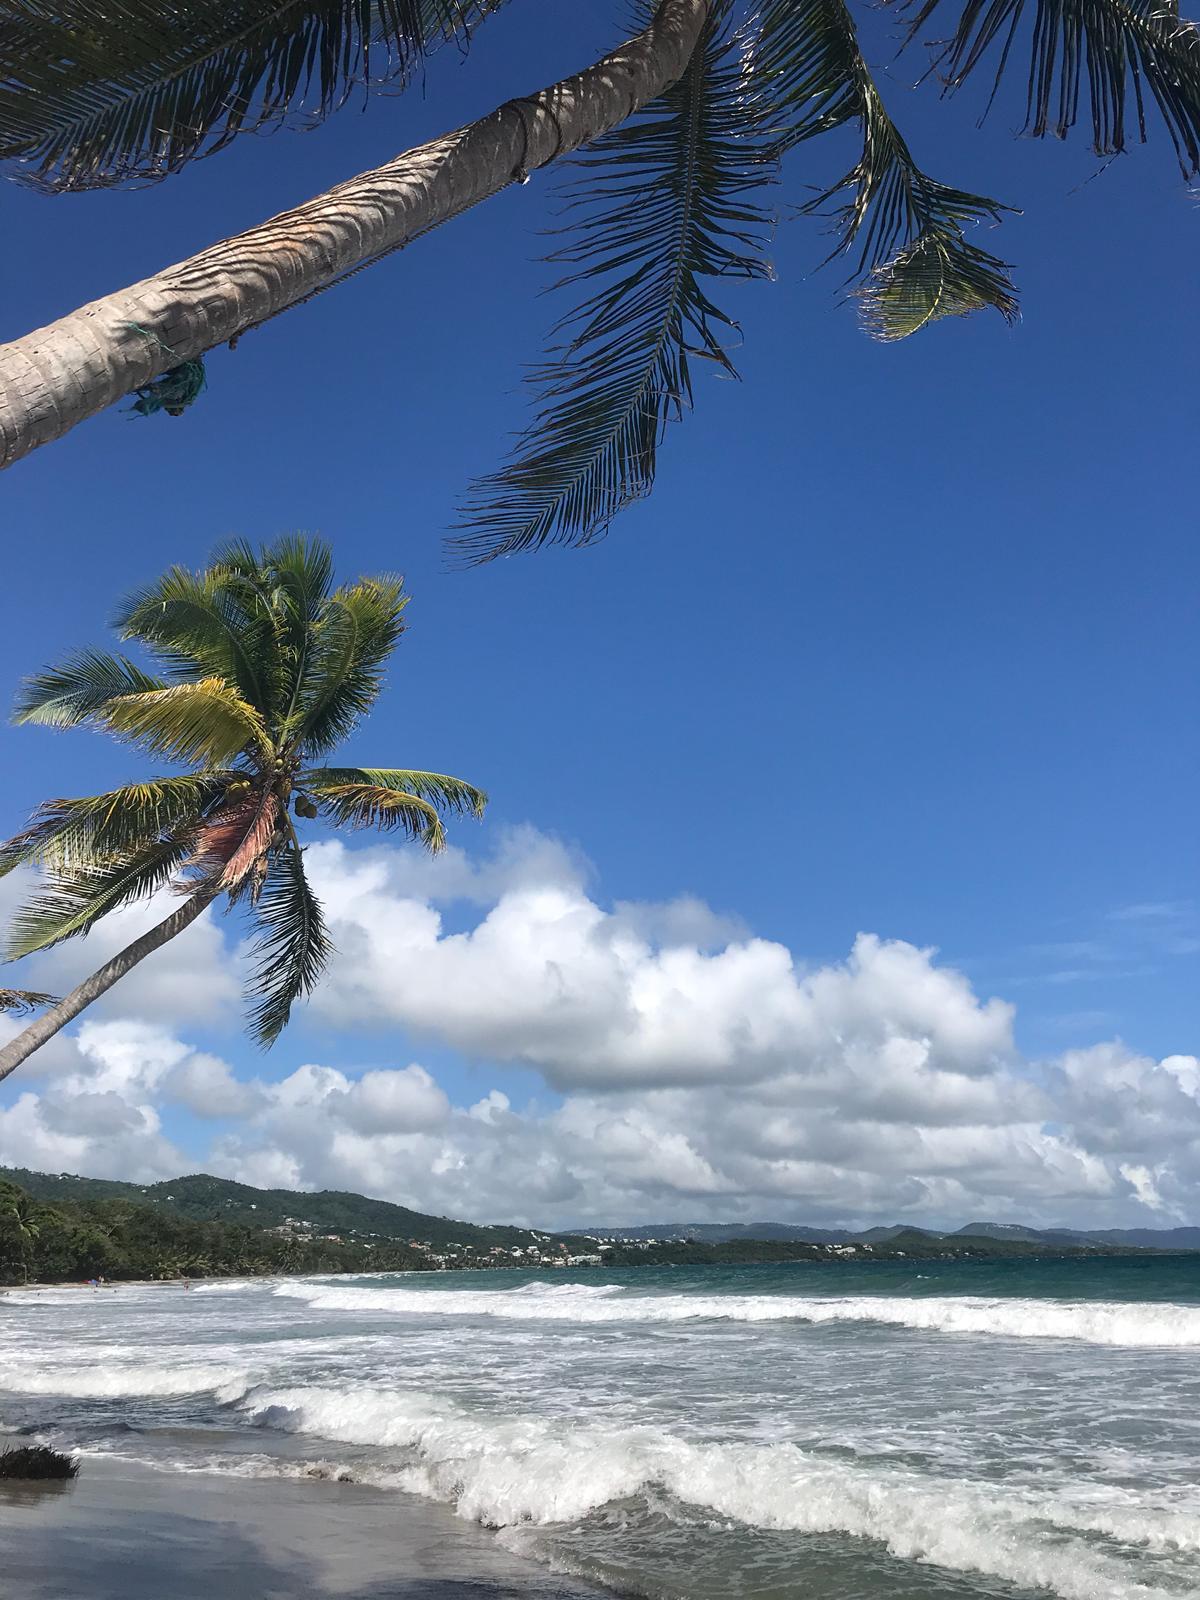 palmiers et eau turquoise sur la plage du diamant en martinique